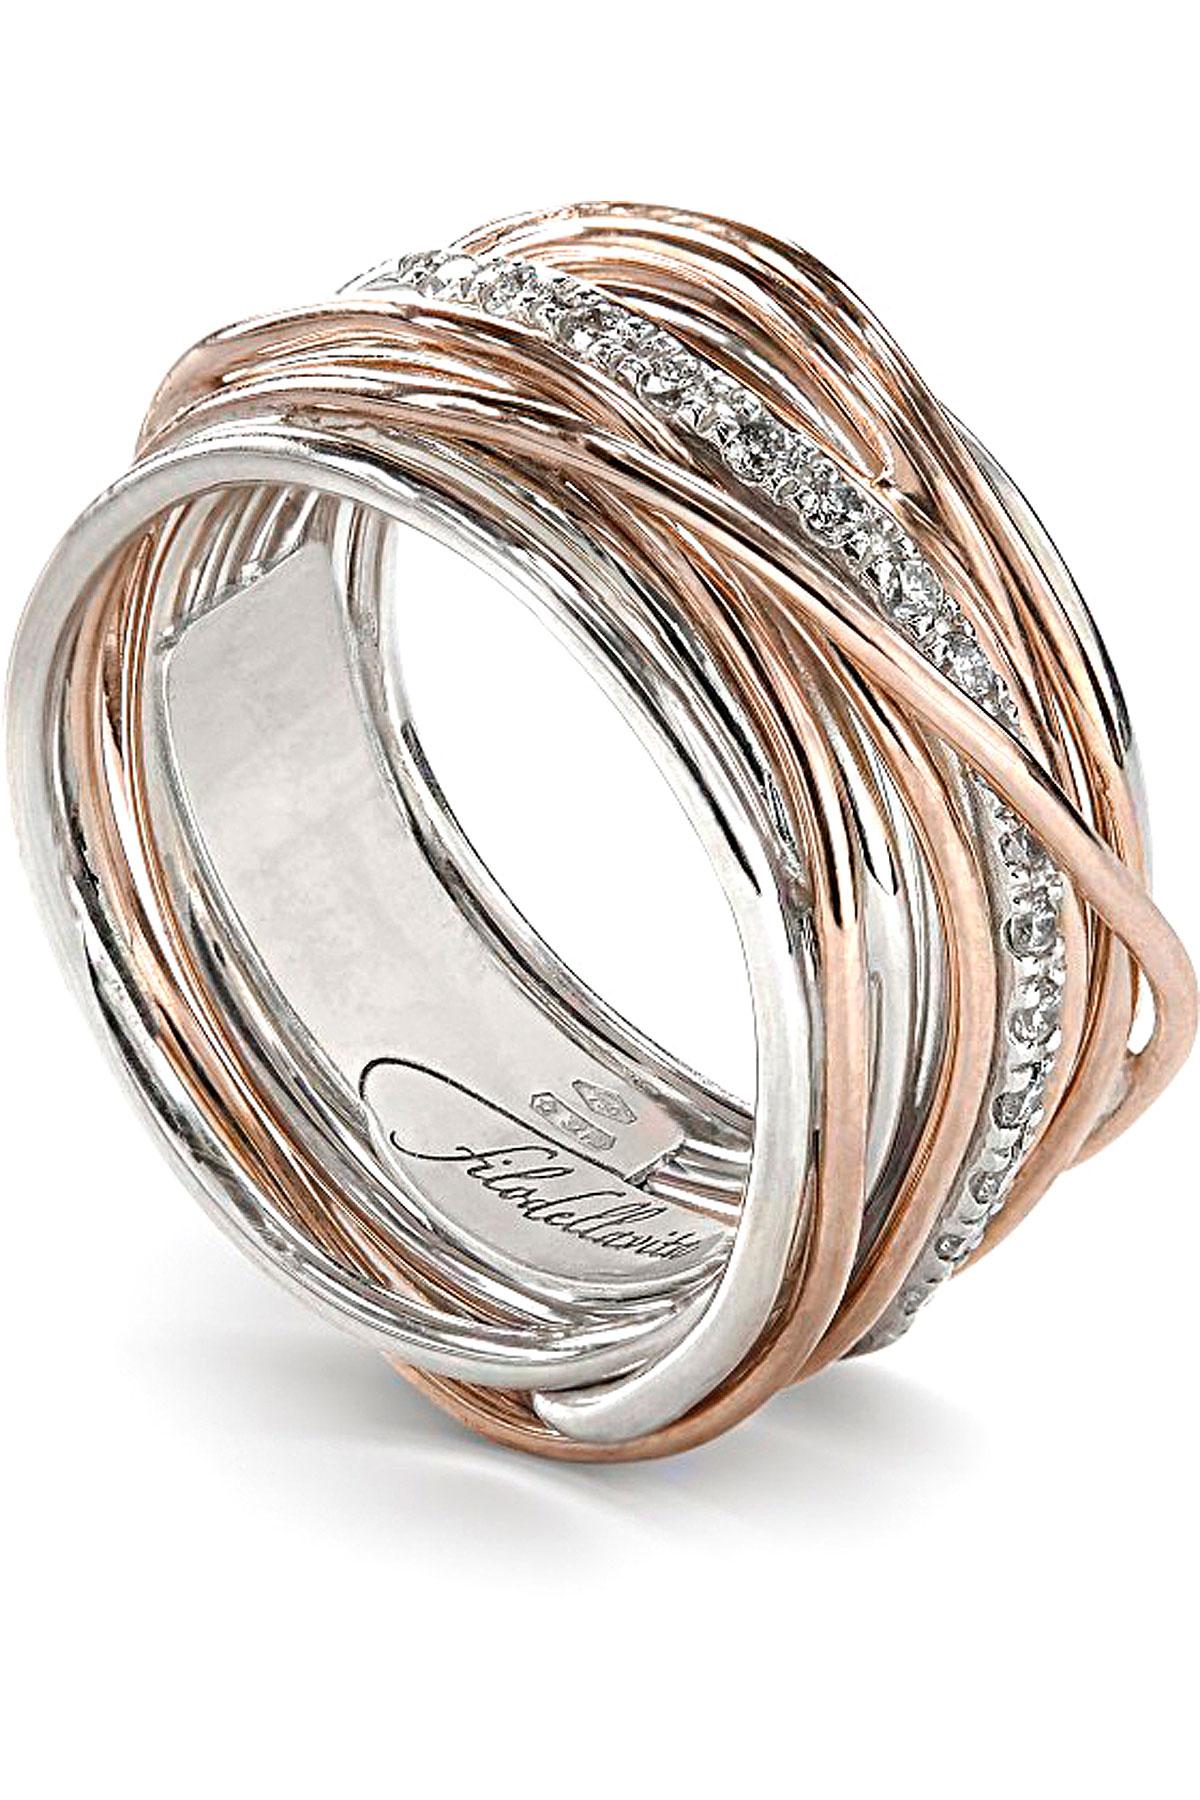 Filo Della Vita Ring for Women, Silver, 9 kt Pink Gold, 2019, USA 6 3/4 ( I 14 - GB N) USA 7 ( I 15 - GB N 1/2) USA 8 ( I 17 - GB P 1/2) USA 8 1/2 ( I